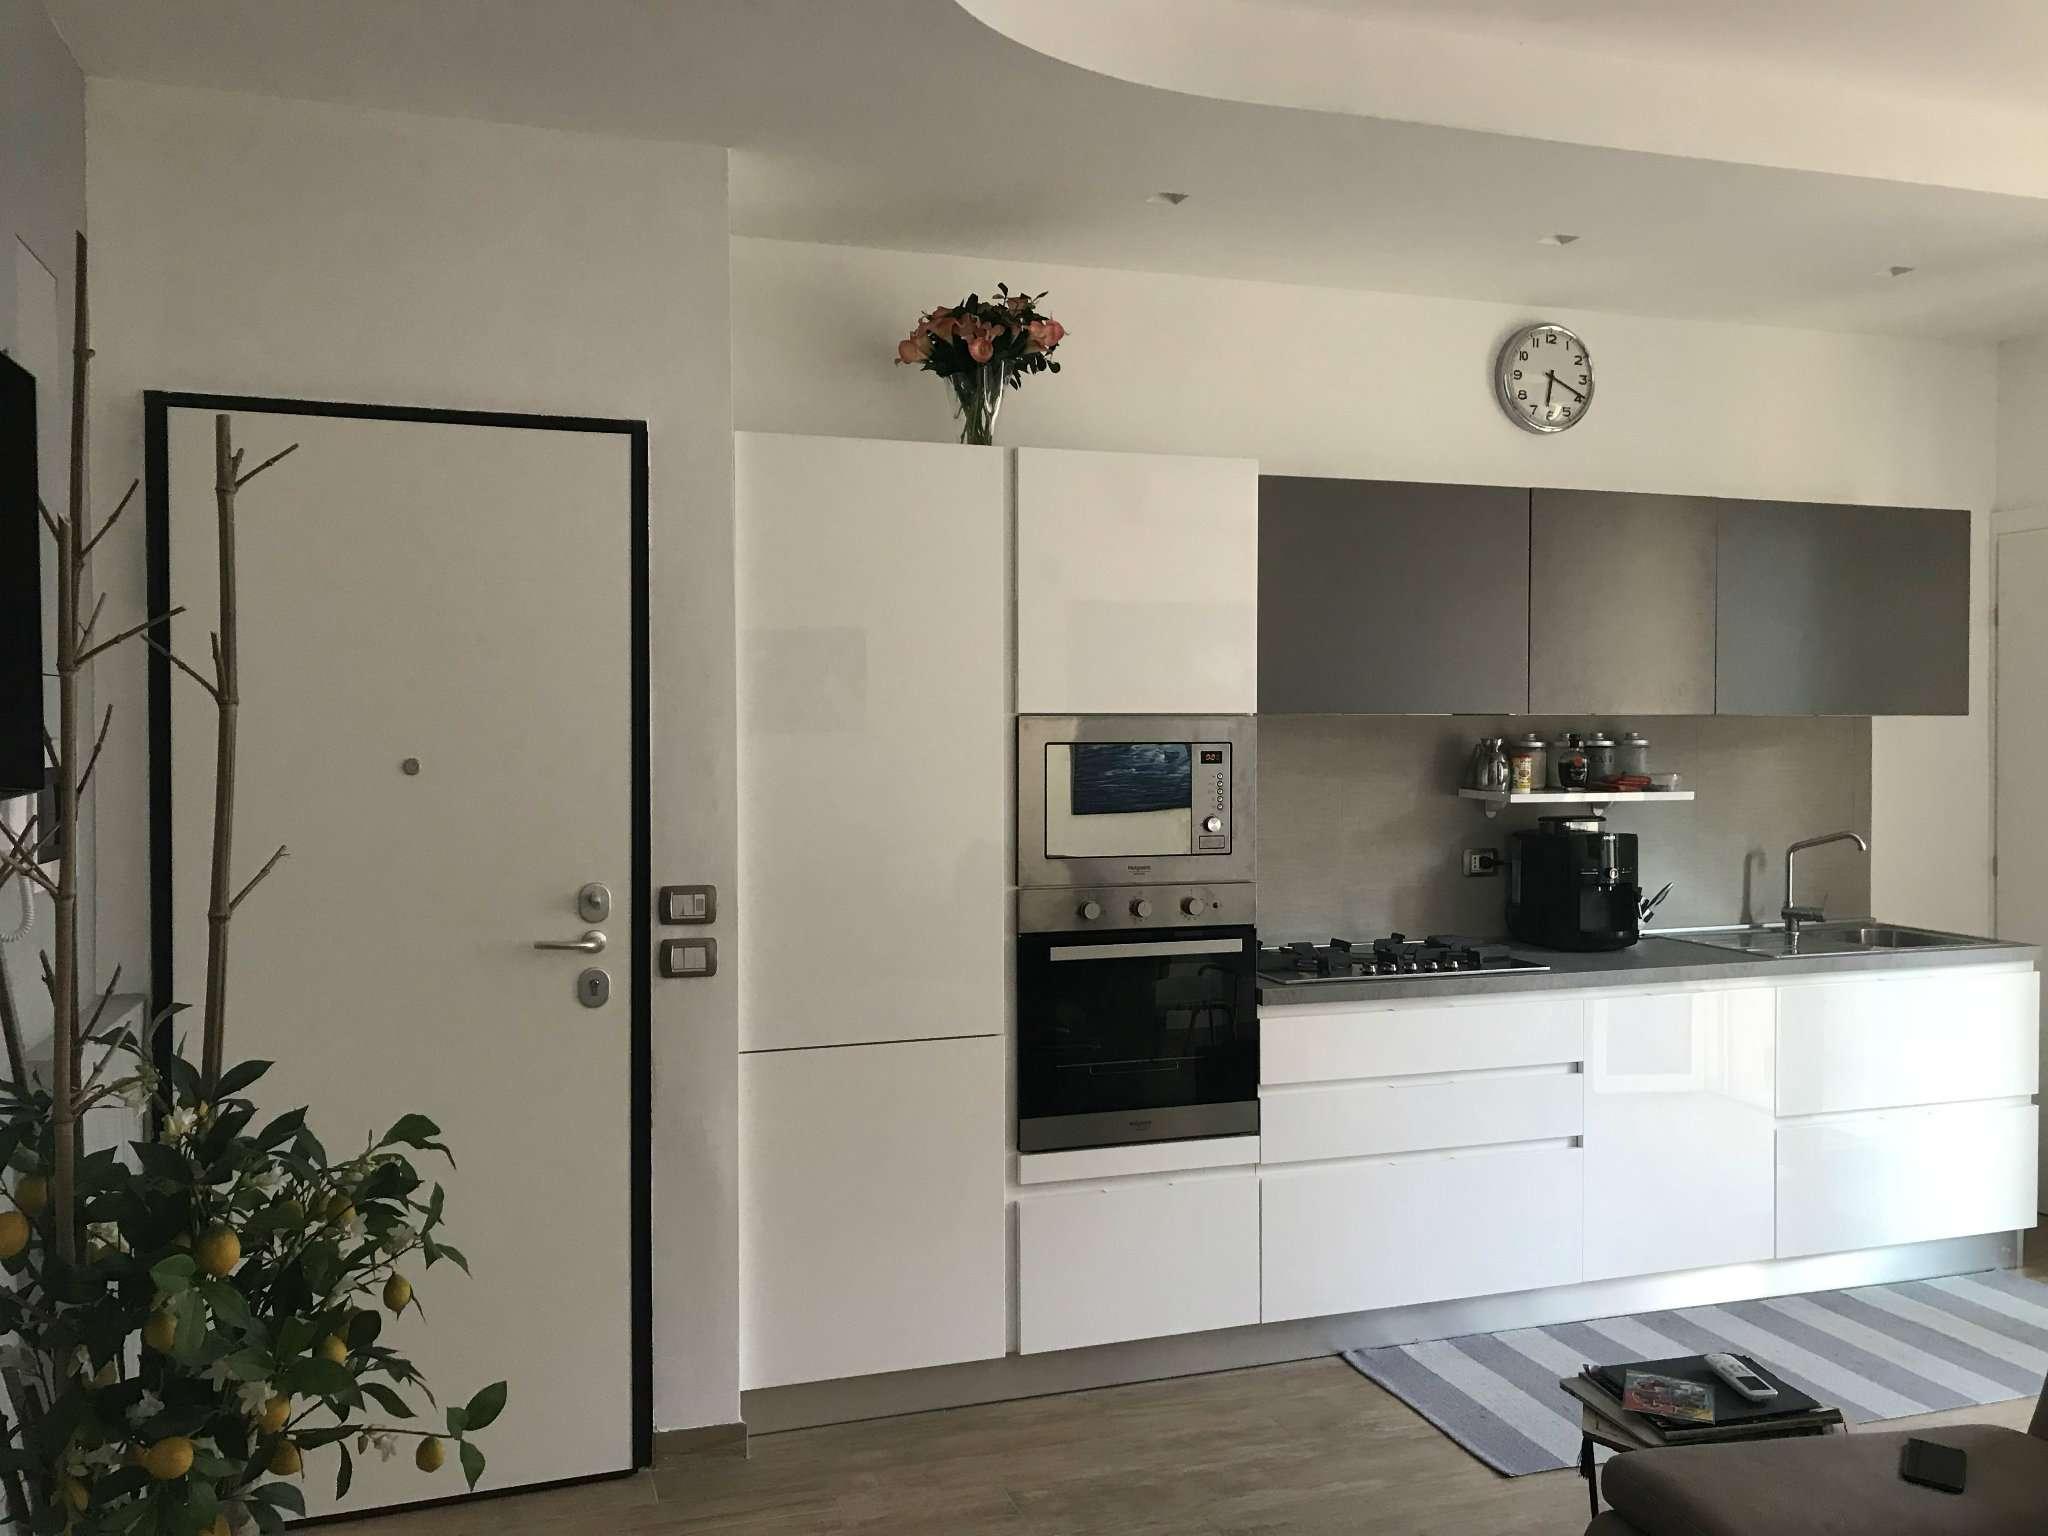 Appartamento in Vendita a Milano 23 Forlanini / Mecenate:  2 locali, 55 mq  - Foto 1